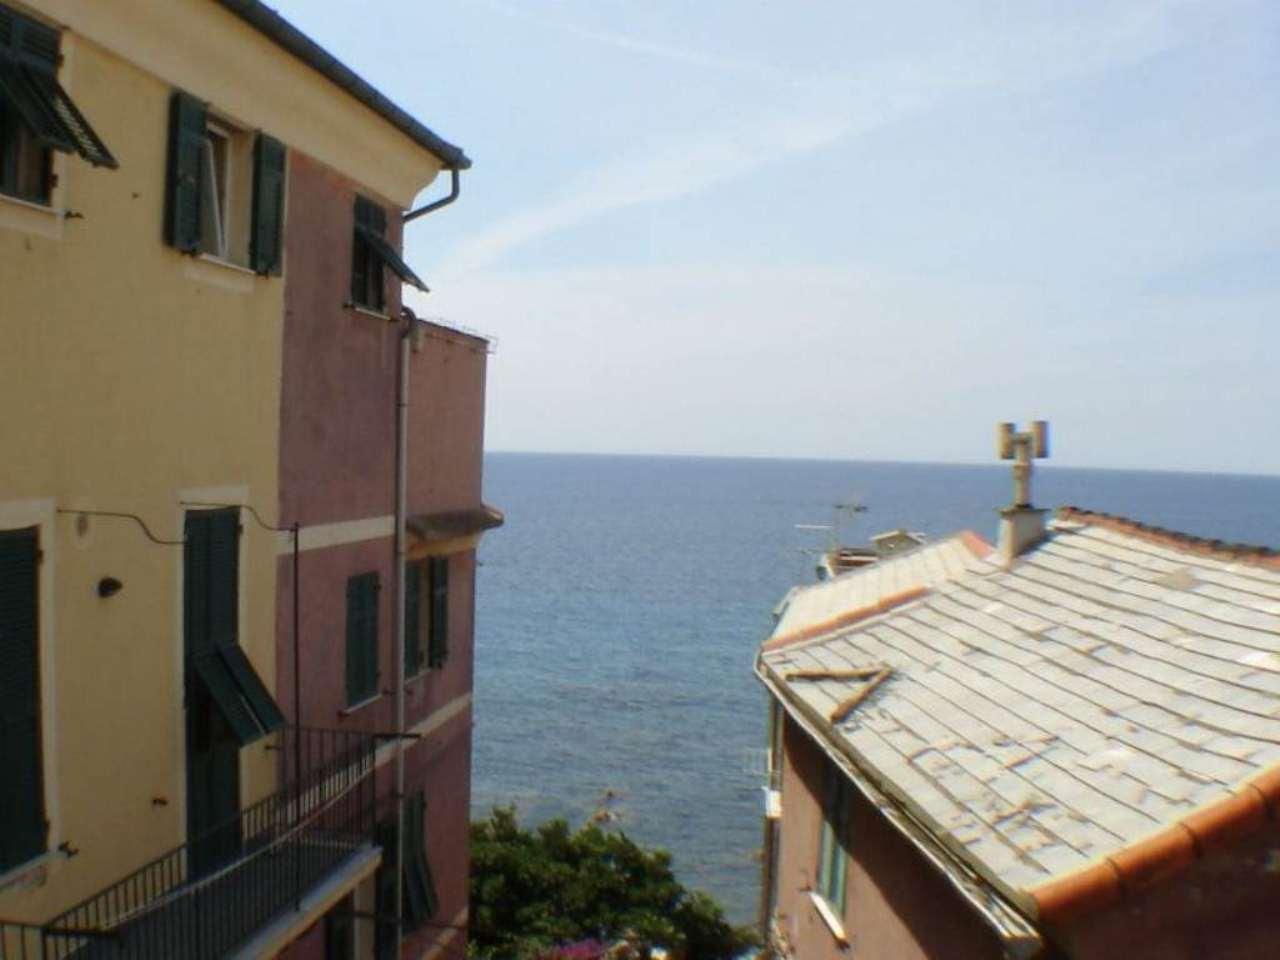 Soluzione Indipendente in vendita a Genova, 9 locali, prezzo € 1.800.000 | CambioCasa.it